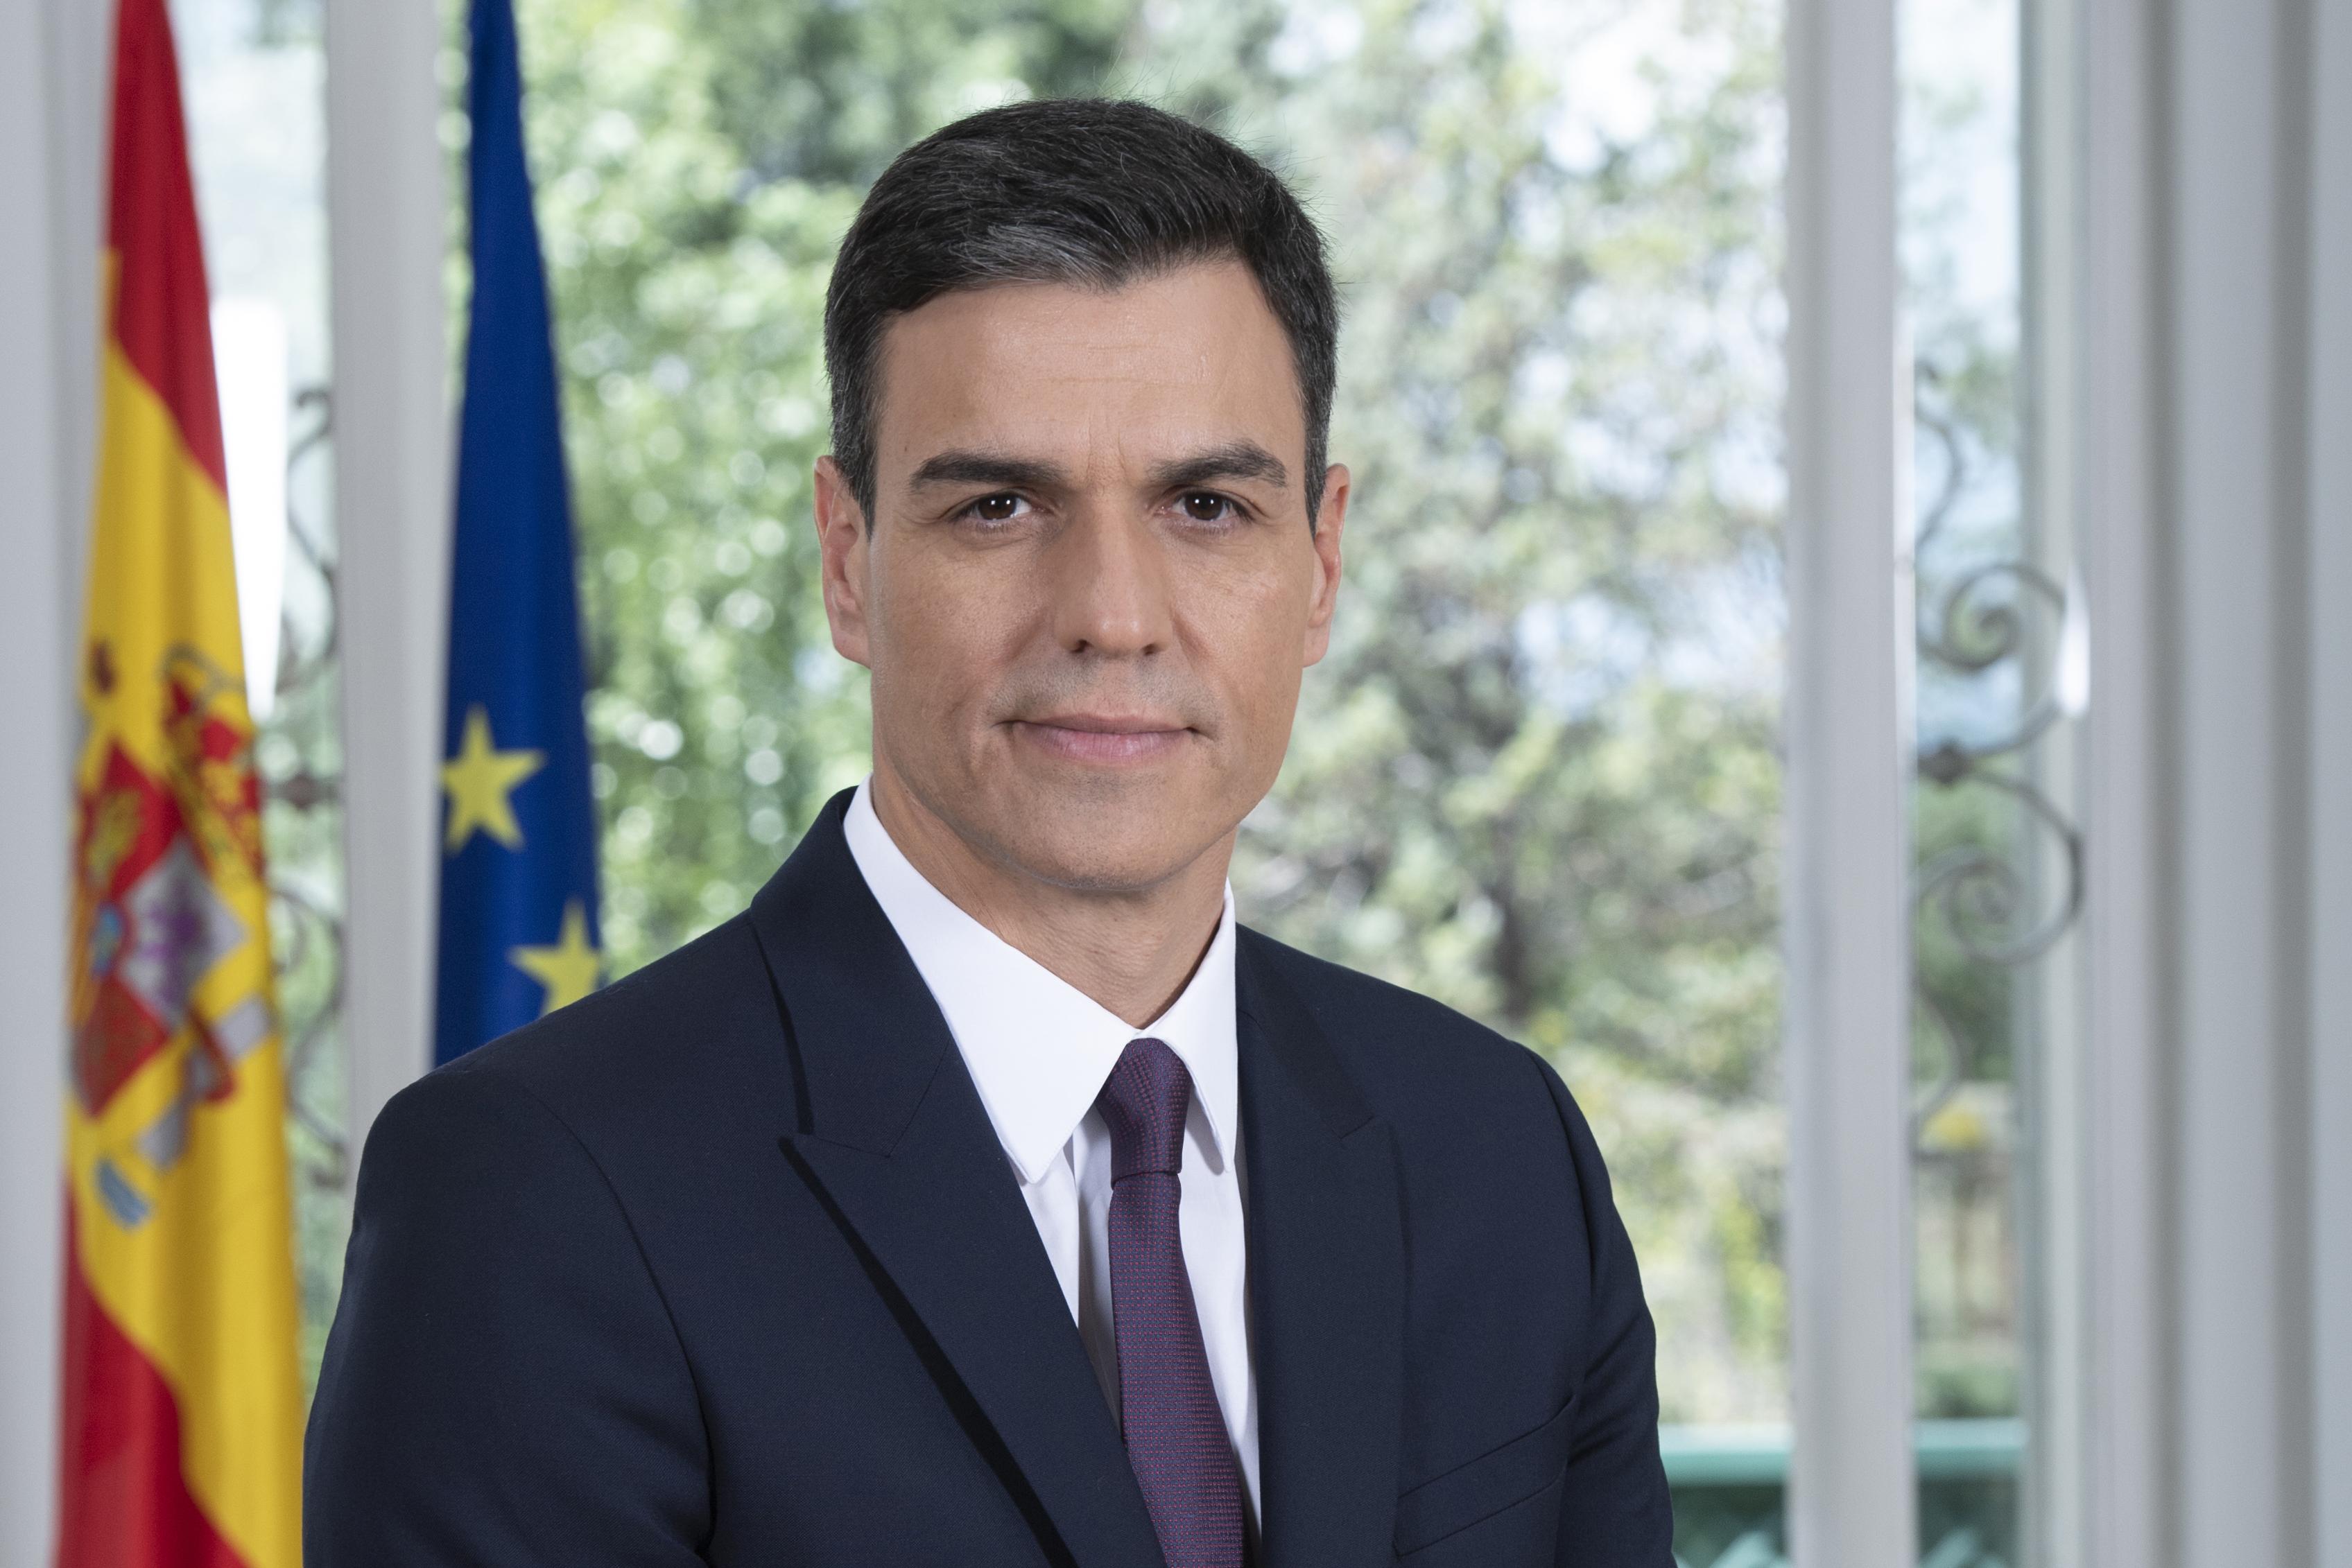 Will Pedro Sanchez win first investiture vote?